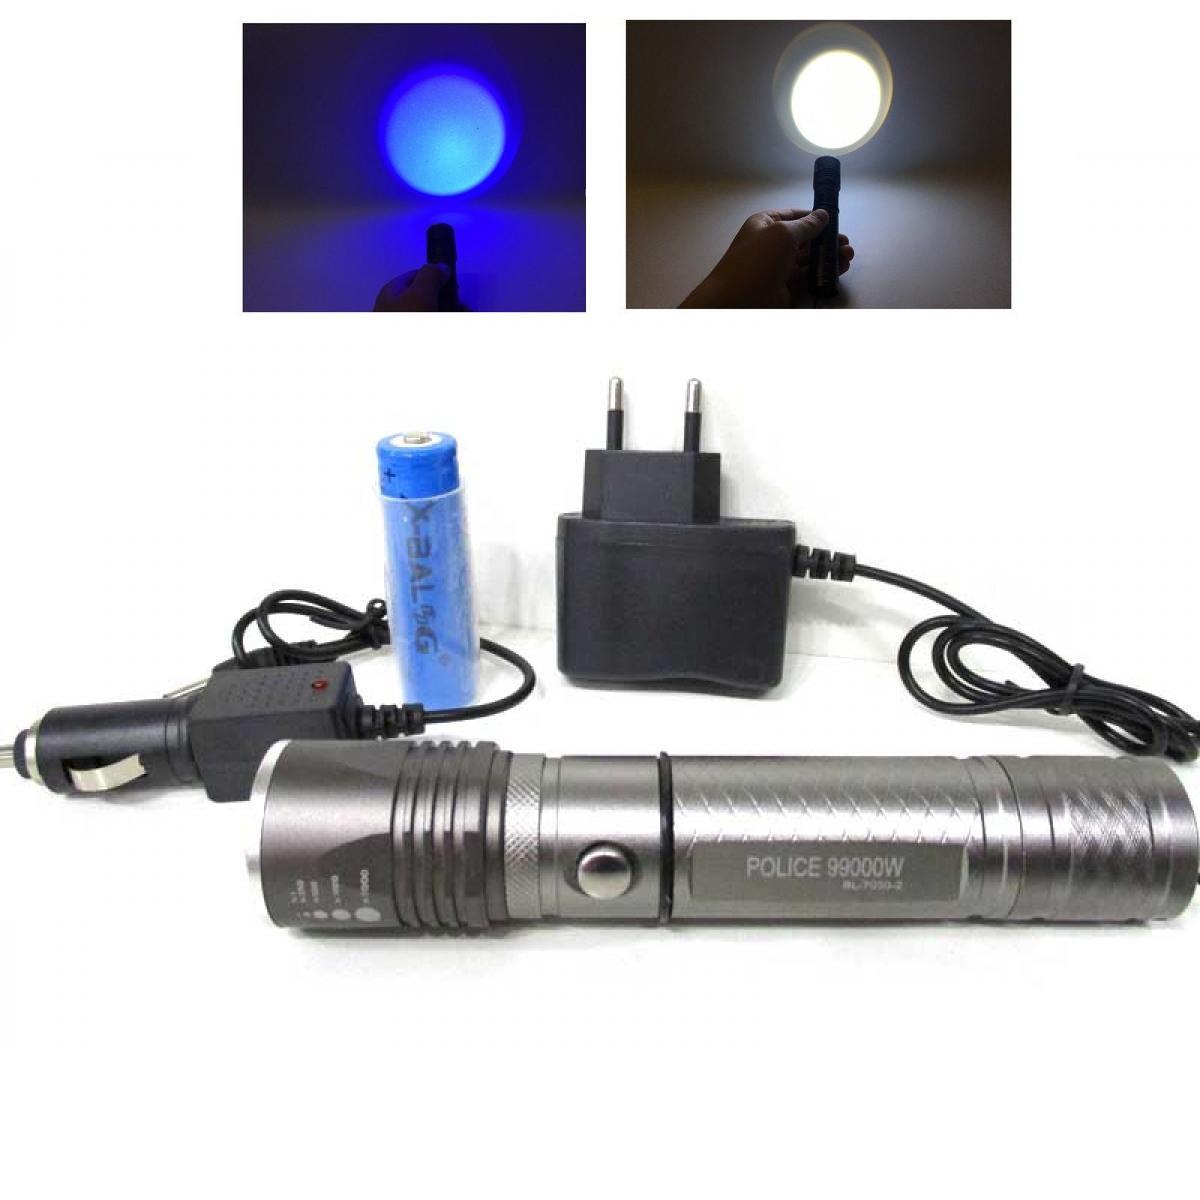 Ліхтарик з ультрафіолетом тактичний POLICE BL-7030-2